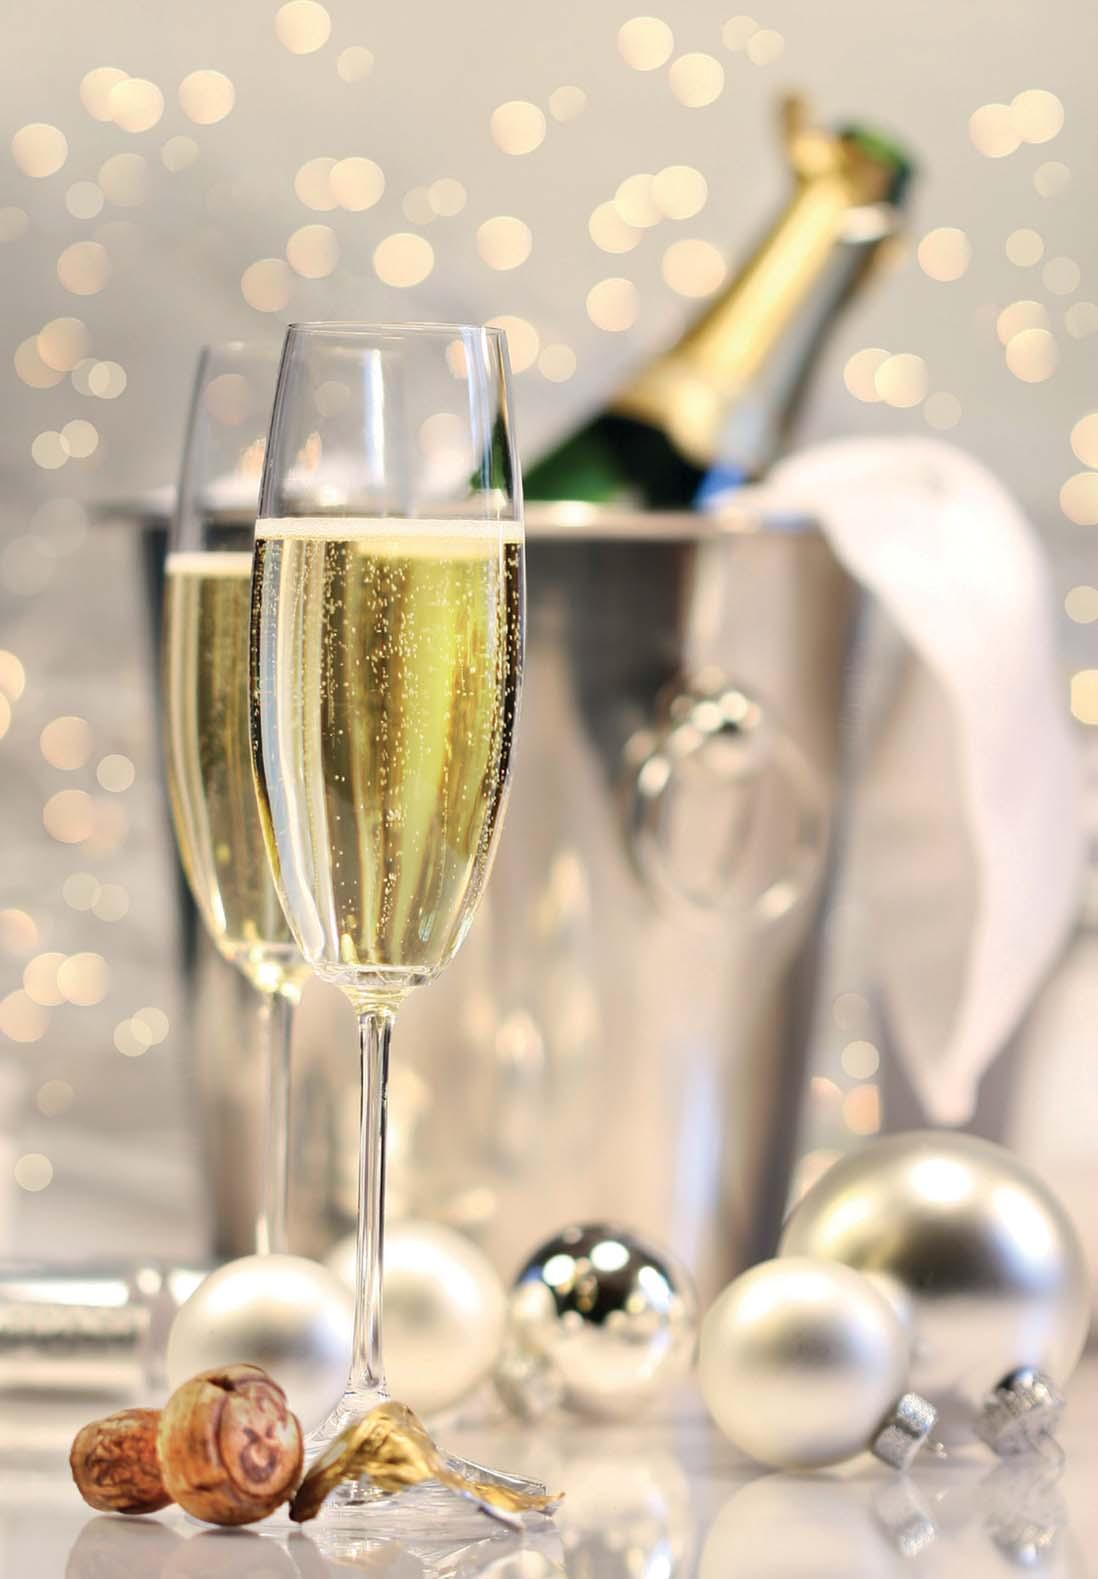 Разговоры с шампанским 1 фотография